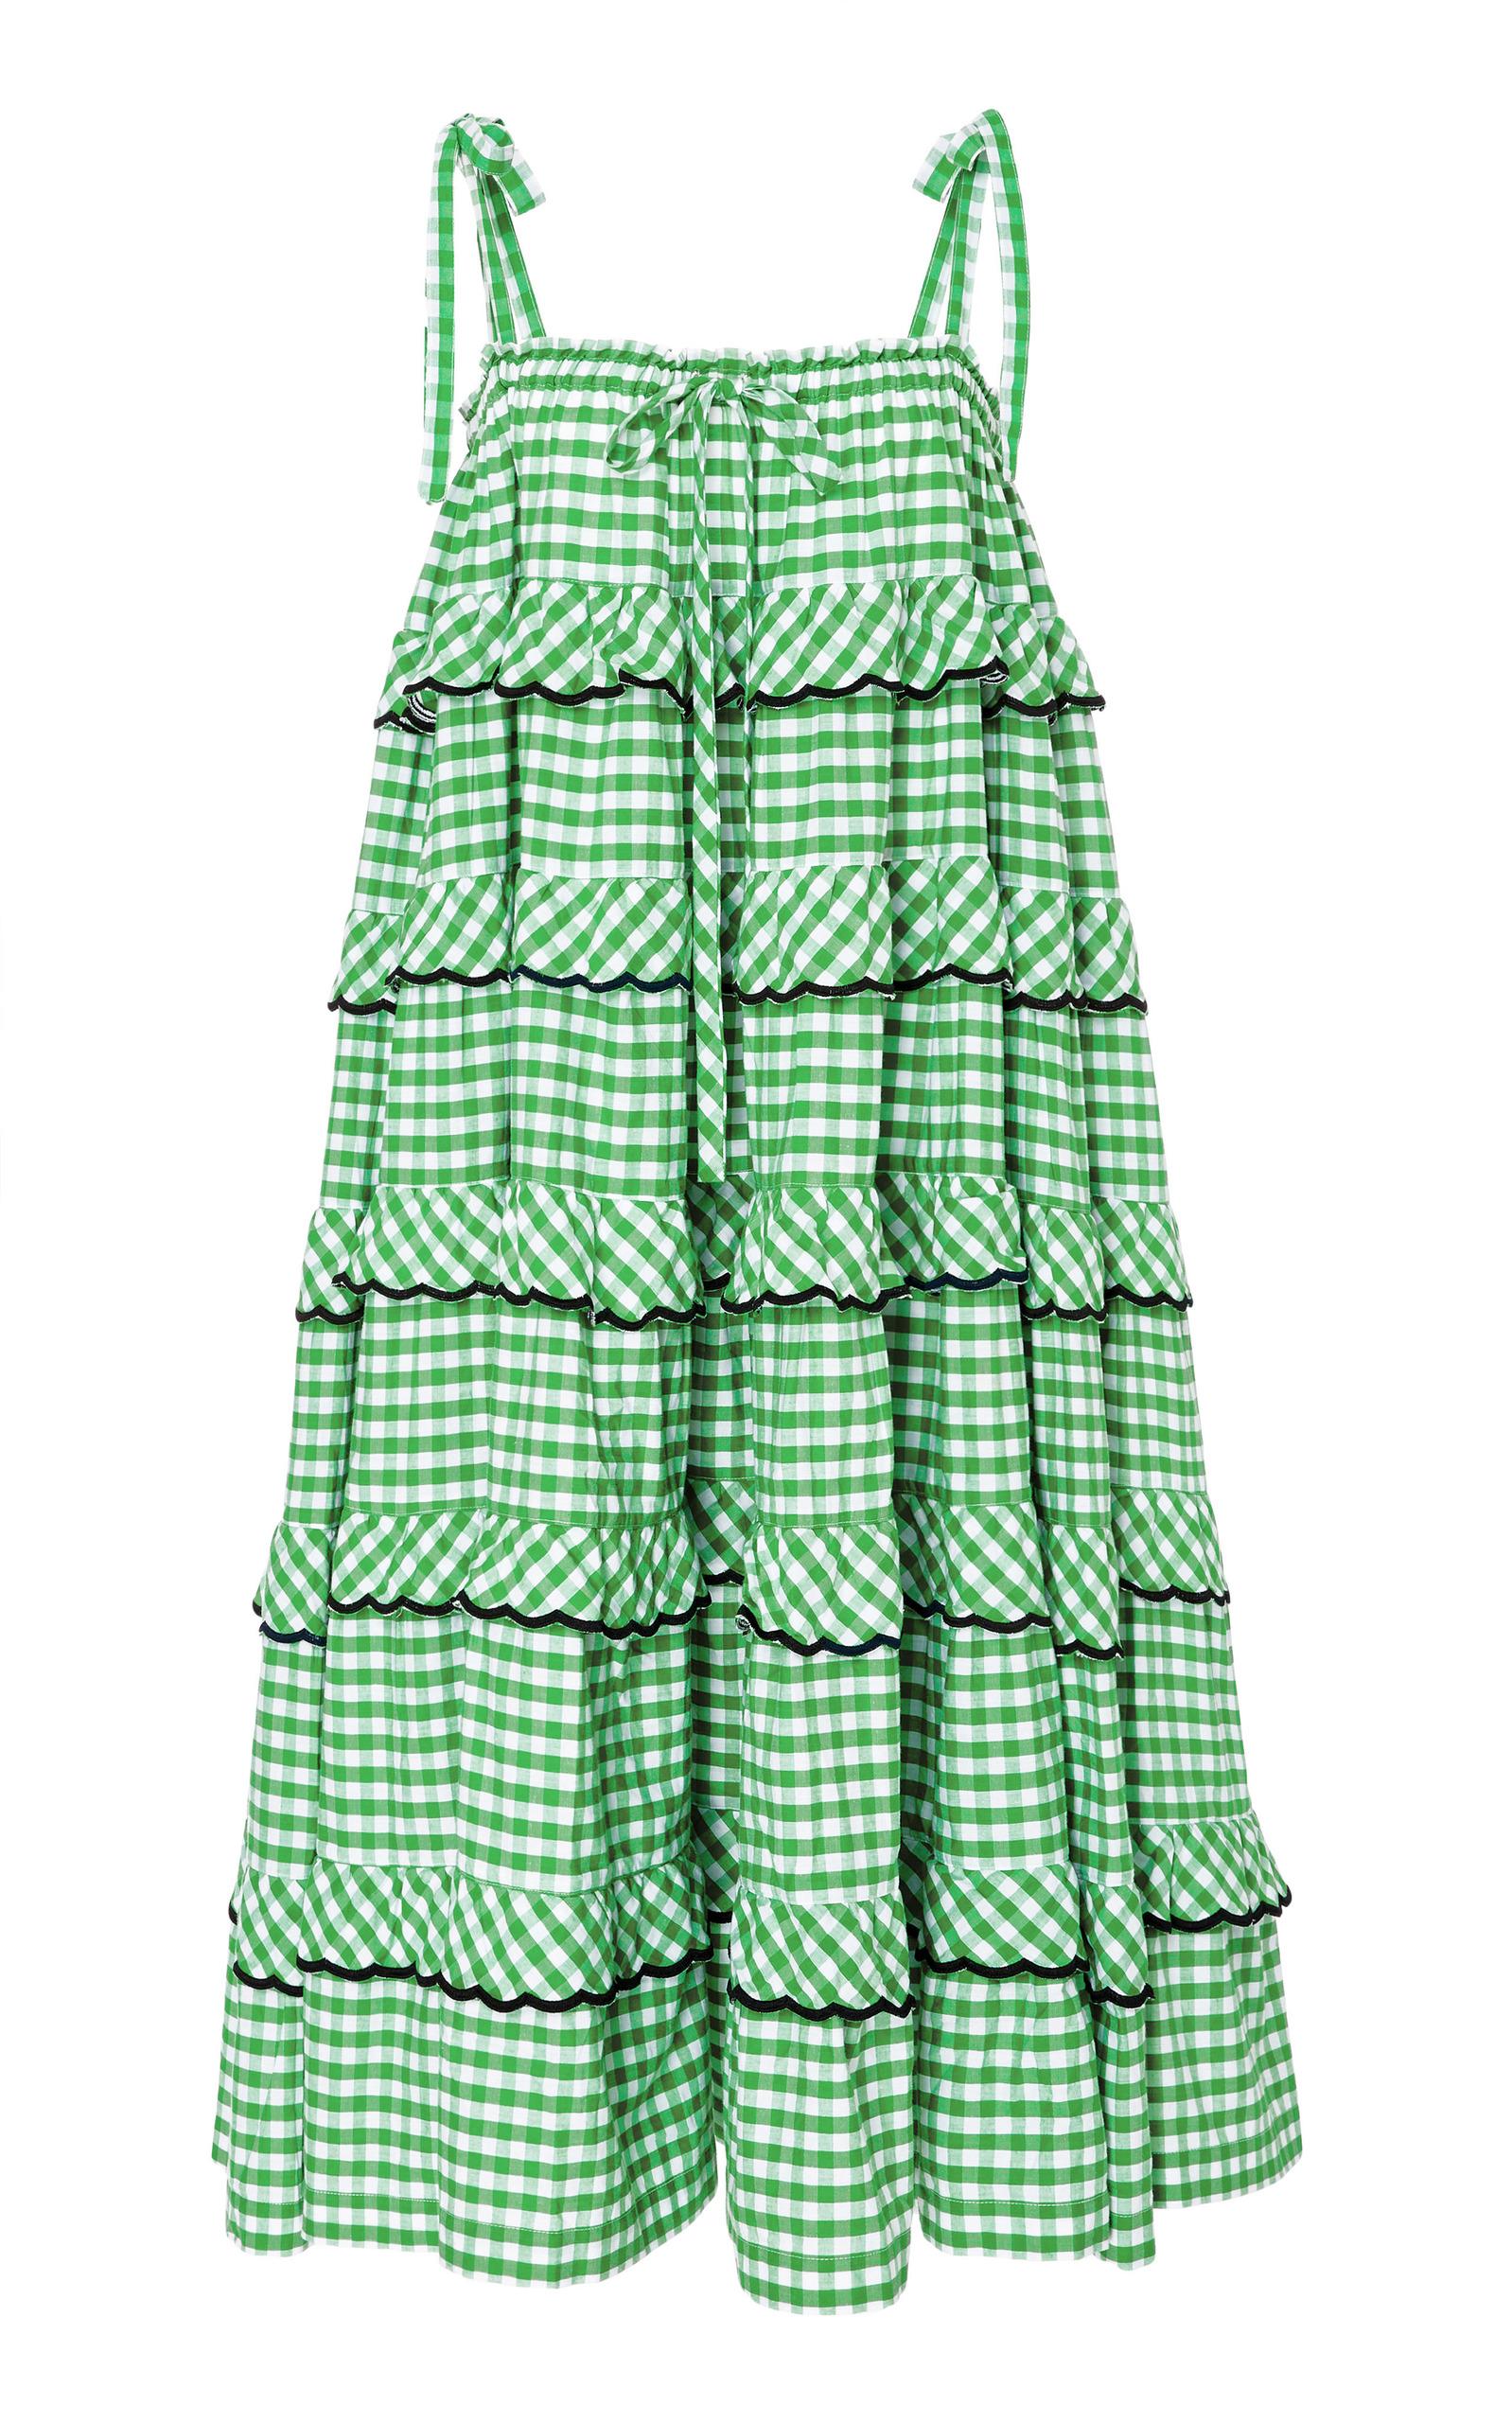 Boutique En Ligne De La France Tiered Cotton-Voile Mini SkirtInnika Choo Acheter Pas Cher Browse Meilleur Magasin Rabais Pour Obtenir Offres De Liquidation kkmlfHoJi